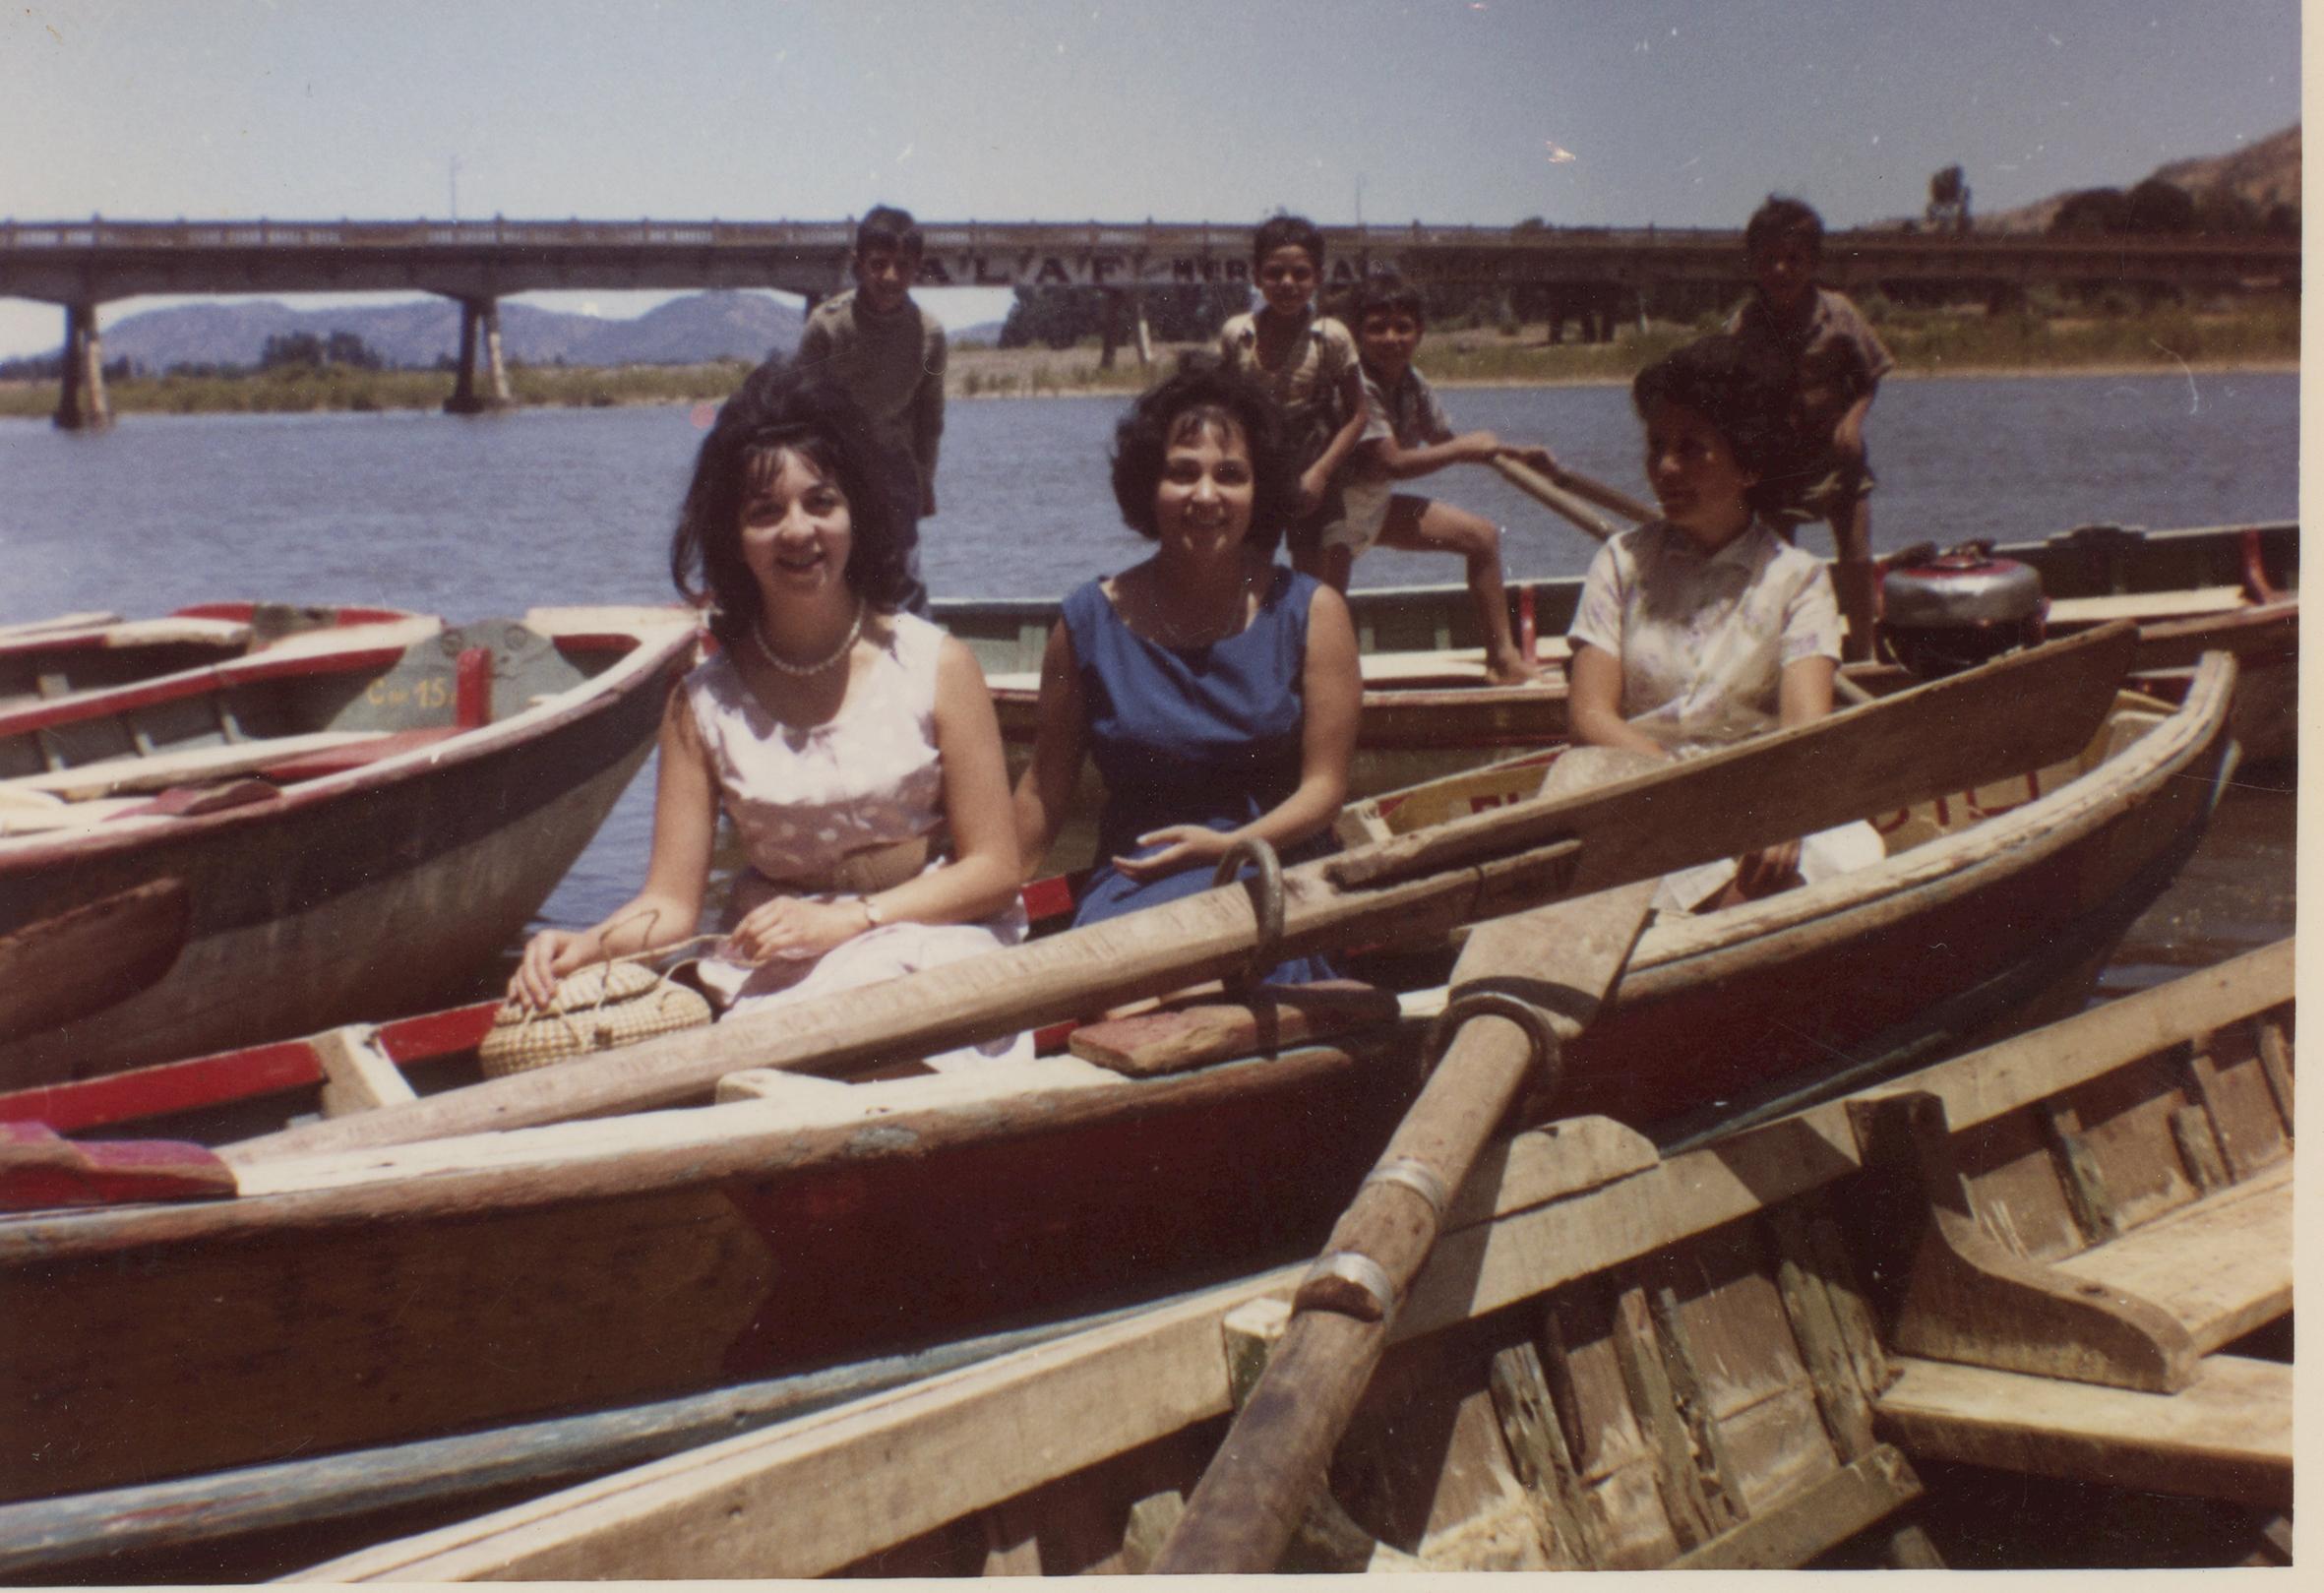 Enterreno - Fotos históricas de chile - fotos antiguas de Chile - Verano en el río Claro en los años 60